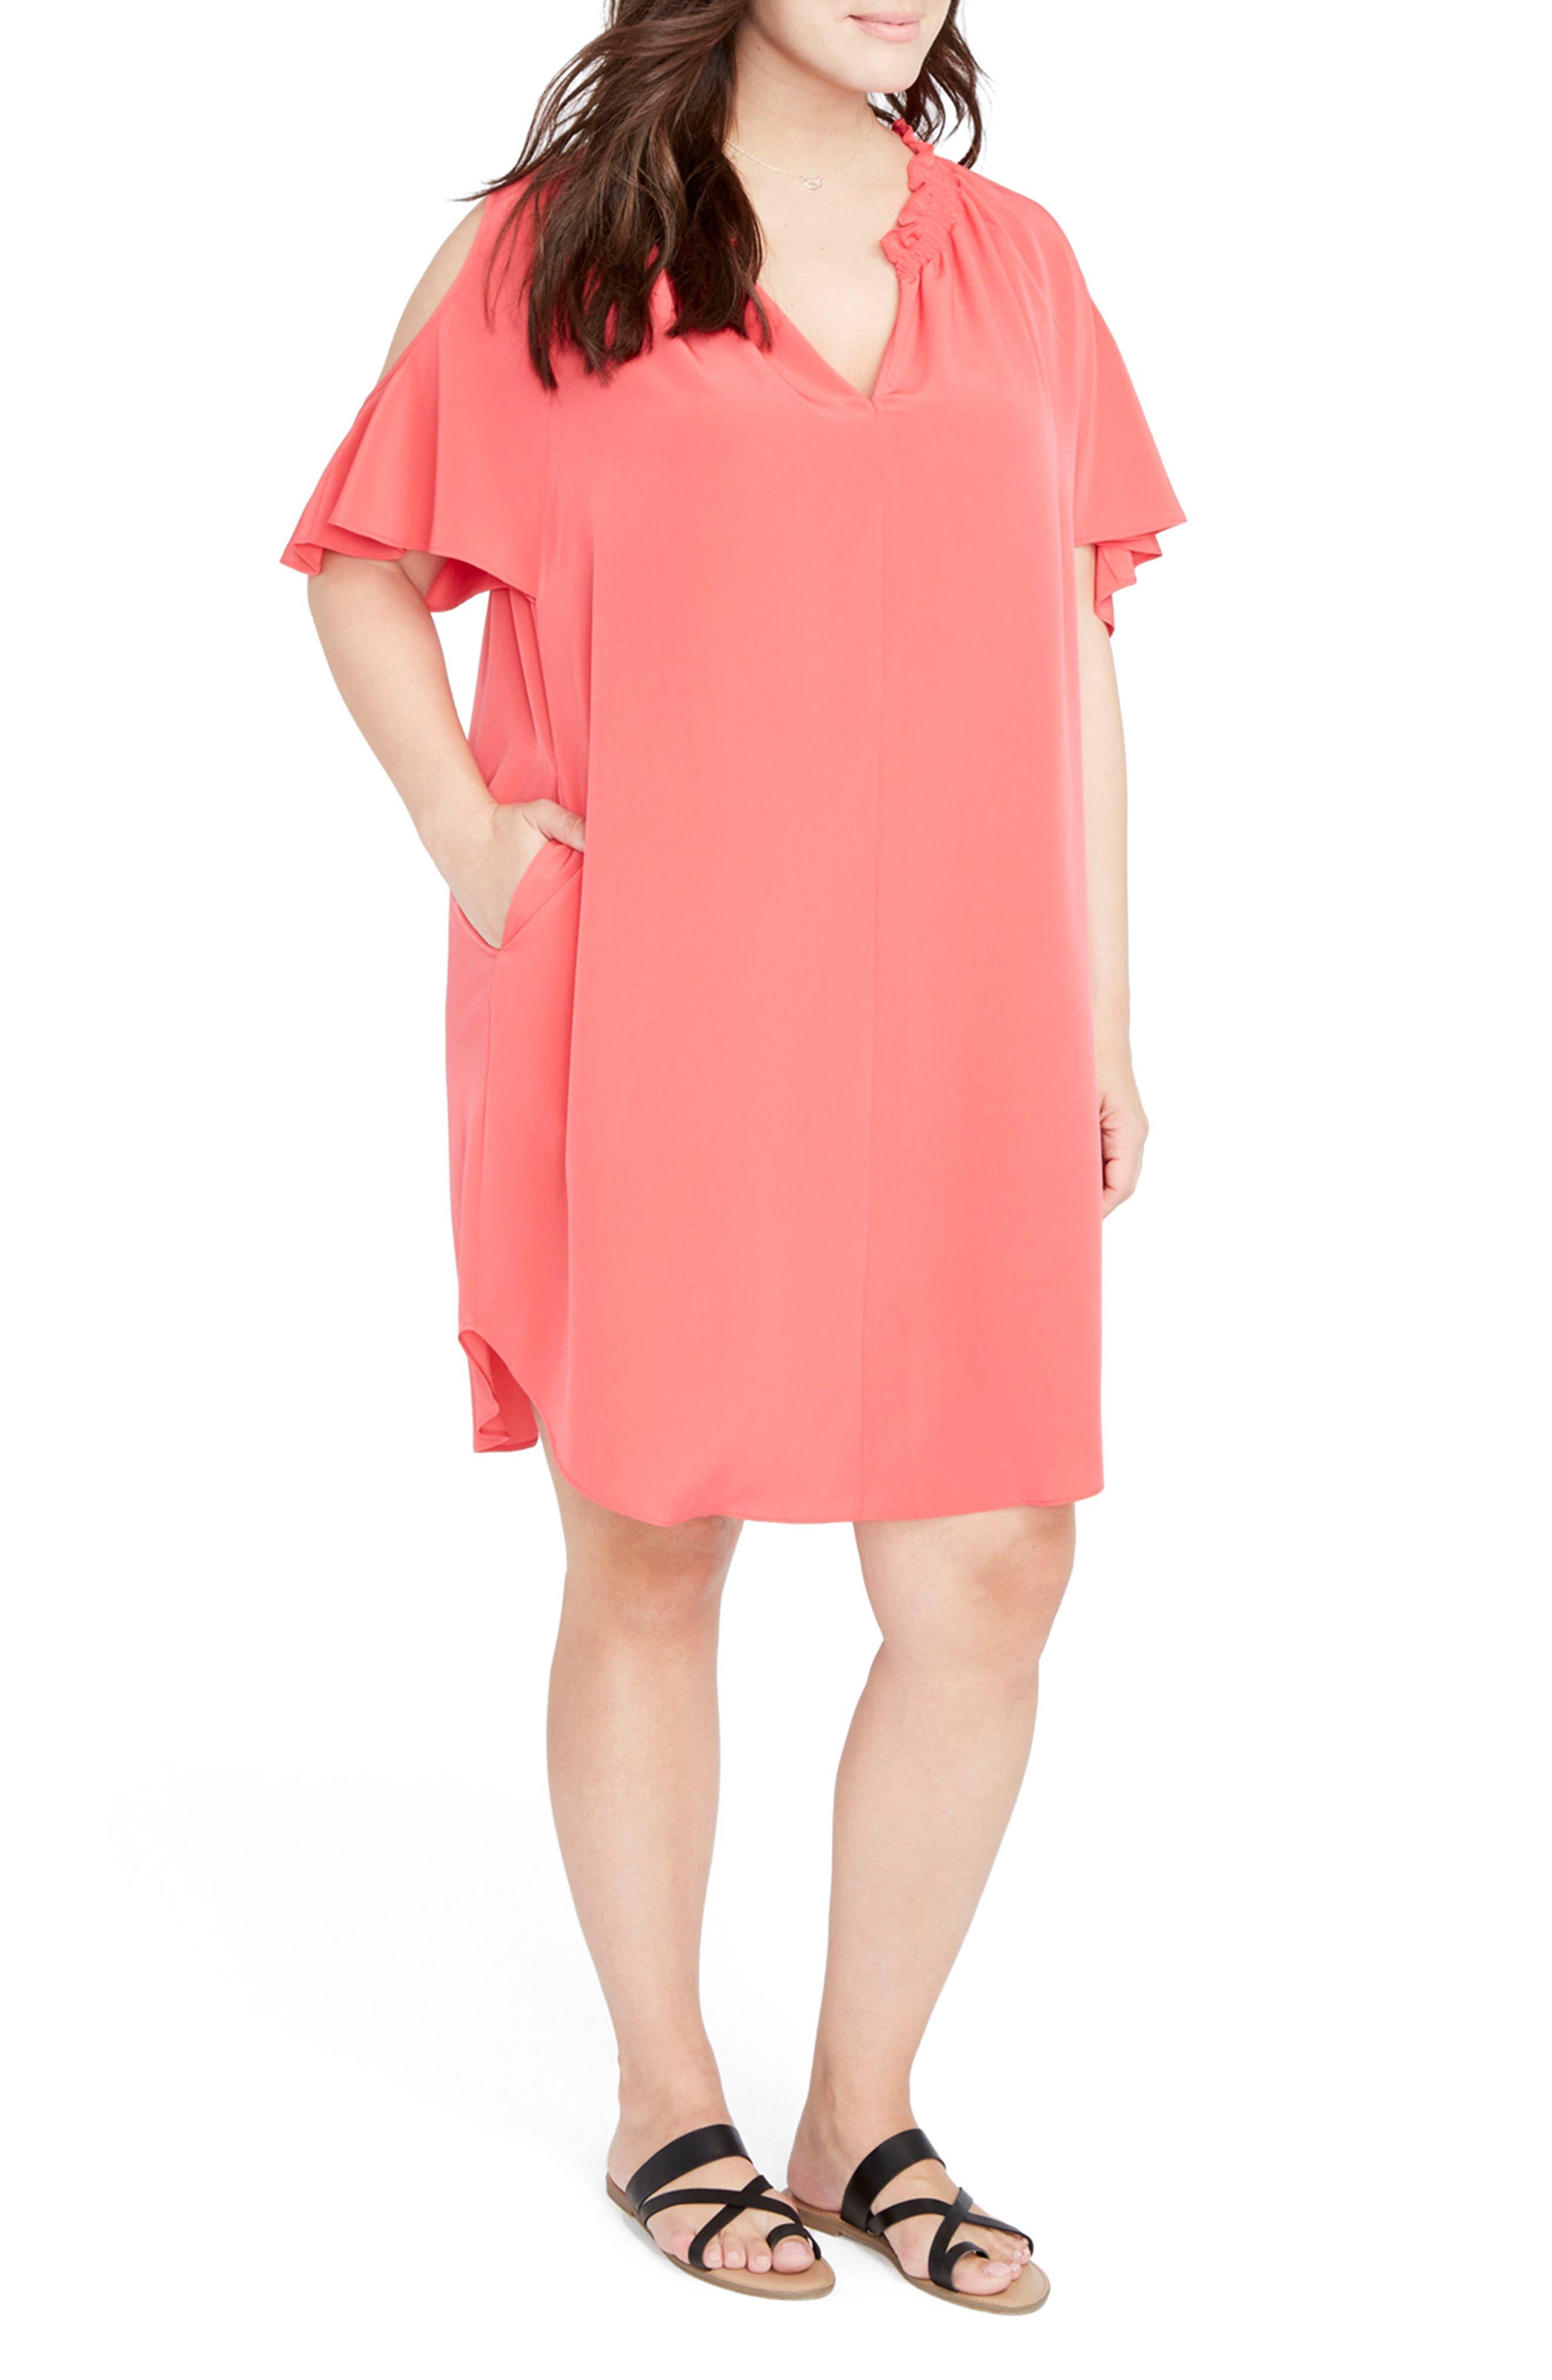 Alternate Image 1 Selected - RACHEL Rachel Roy Elizabeth Cold Shoulder Dress (Plus Size)